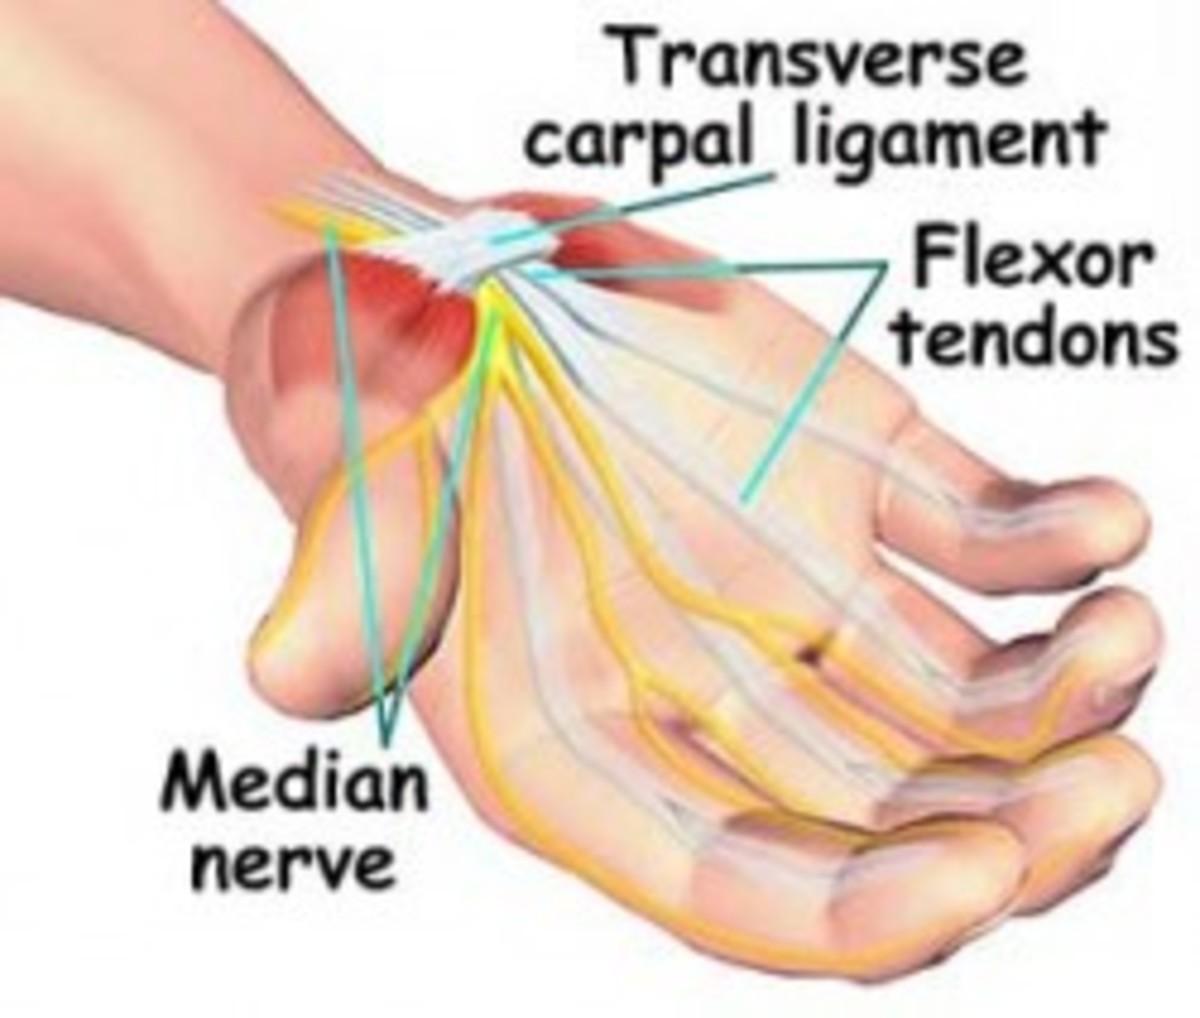 Diagram of Median nerve (Carpal tunnel)